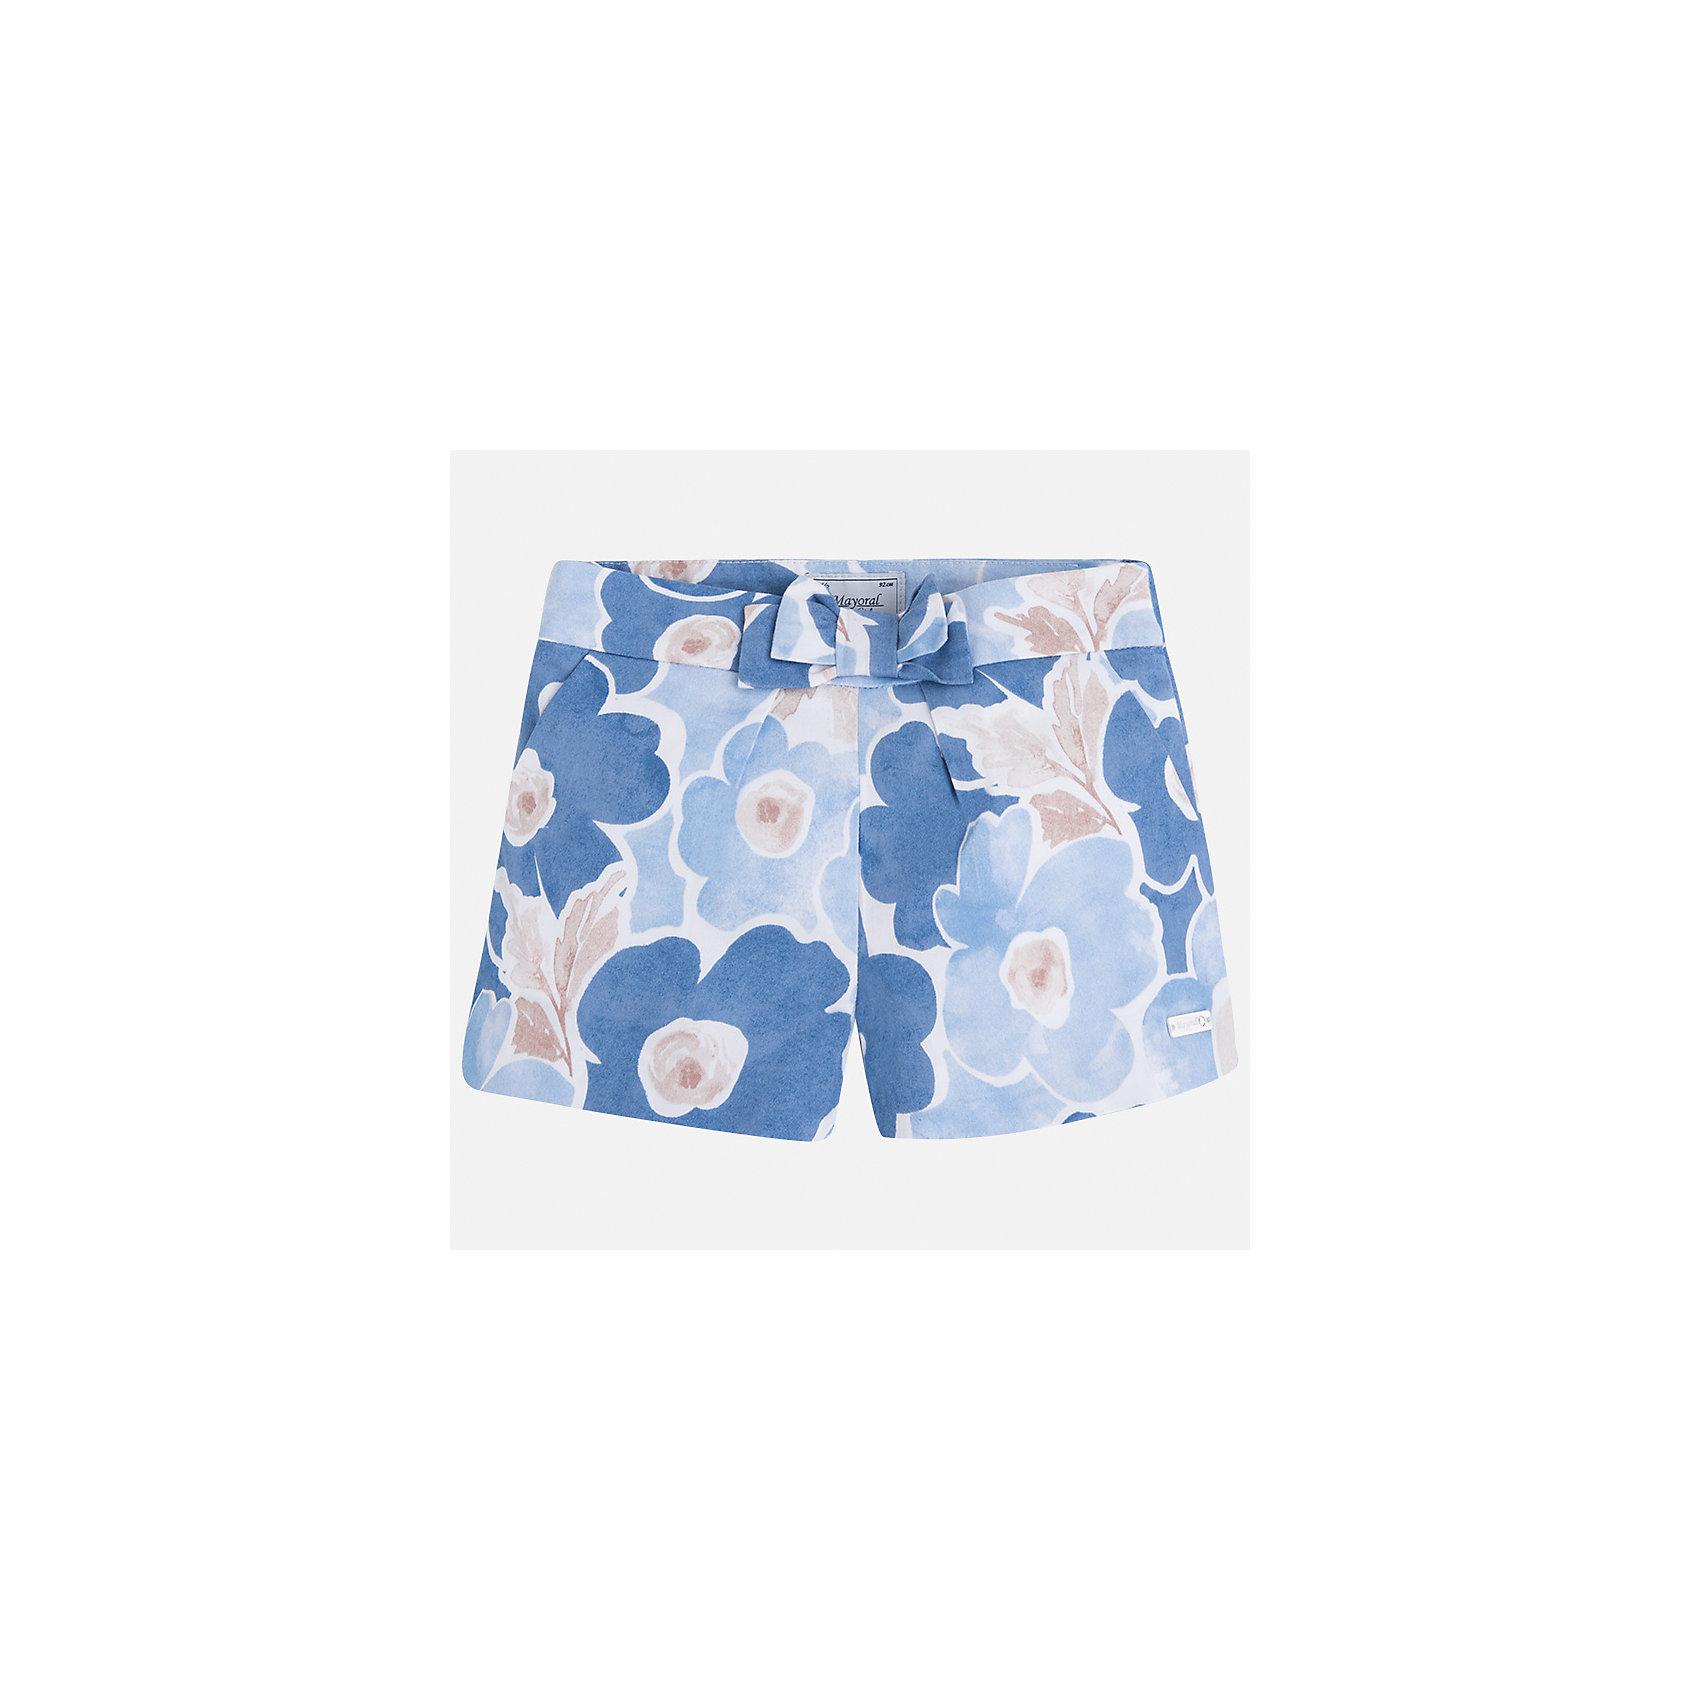 Шорты для девочки MayoralШорты, бриджи, капри<br>Характеристики товара:<br><br>• цвет: голубой принт<br>• состав: 100% хлопок<br>• ткань с принтом<br>• украшены бантом<br>• пояс на резинке<br>• декоративная складка на штанинах<br>• страна бренда: Испания<br><br>Модные легкие шорты для девочки смогут разнообразить гардероб ребенка и украсить наряд. Они отлично сочетаются с майками, футболками, блузками. Красивый оттенок позволяет подобрать к вещи верх разных расцветок. Интересный крой модели делает её нарядной и оригинальной. В составе материала - только натуральный хлопок, гипоаллергенный, приятный на ощупь, дышащий.<br>Одежда, обувь и аксессуары от испанского бренда Mayoral полюбились детям и взрослым по всему миру. Модели этой марки - стильные и удобные. Для их производства используются только безопасные, качественные материалы и фурнитура. Порадуйте ребенка модными и красивыми вещами от Mayoral! <br><br>Шорты для девочки от испанского бренда Mayoral (Майорал) можно купить в нашем интернет-магазине.<br><br>Ширина мм: 191<br>Глубина мм: 10<br>Высота мм: 175<br>Вес г: 273<br>Цвет: голубой<br>Возраст от месяцев: 96<br>Возраст до месяцев: 108<br>Пол: Женский<br>Возраст: Детский<br>Размер: 134,92,98,104,110,116,122,128<br>SKU: 5289798